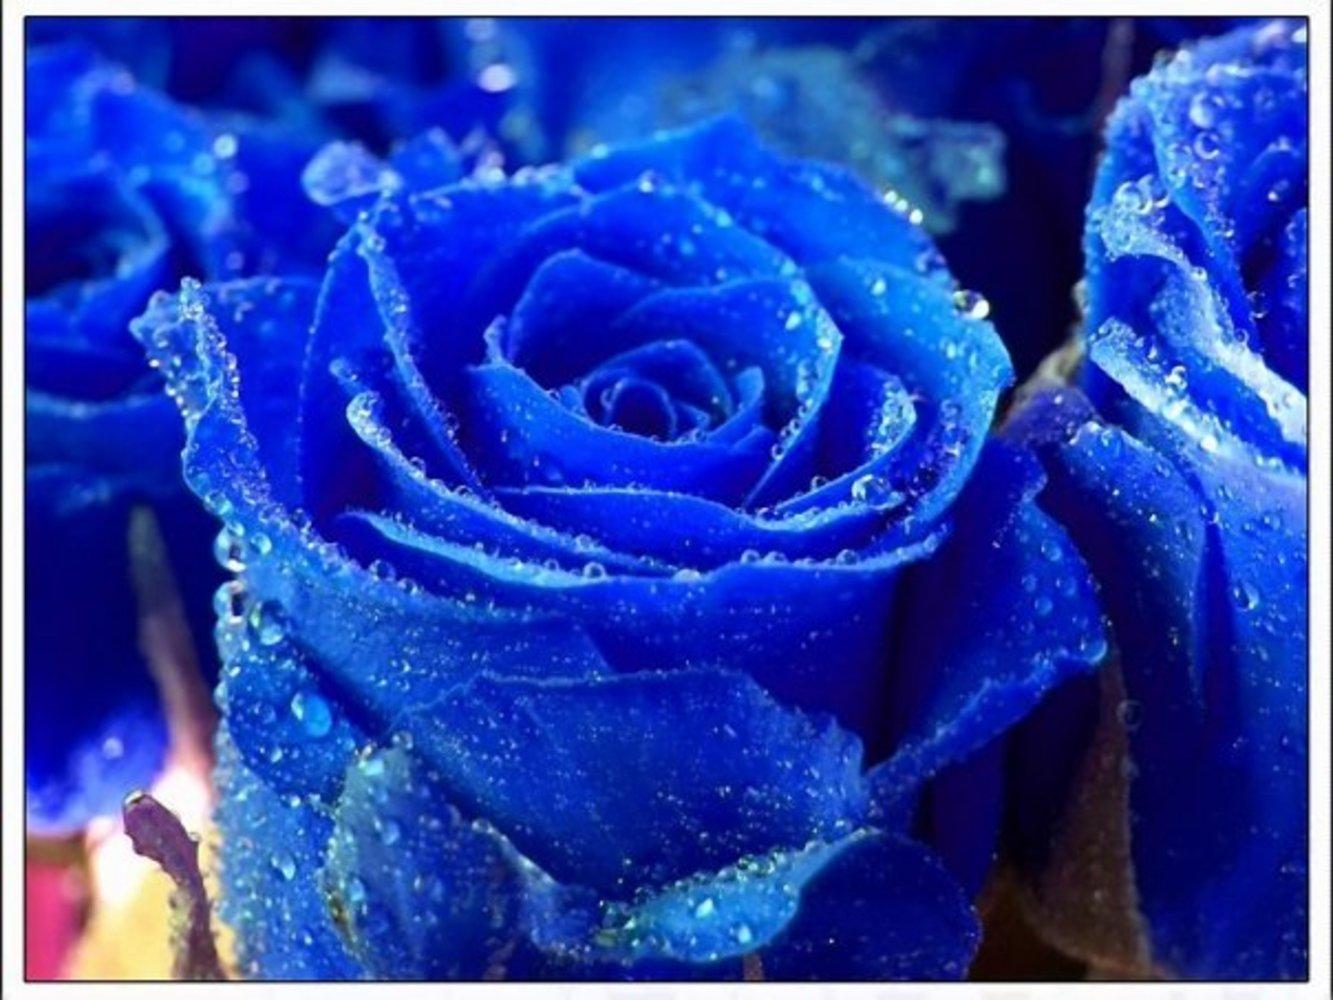 Сонник Цветок приснился, к чему снится Цветок во сне видеть?